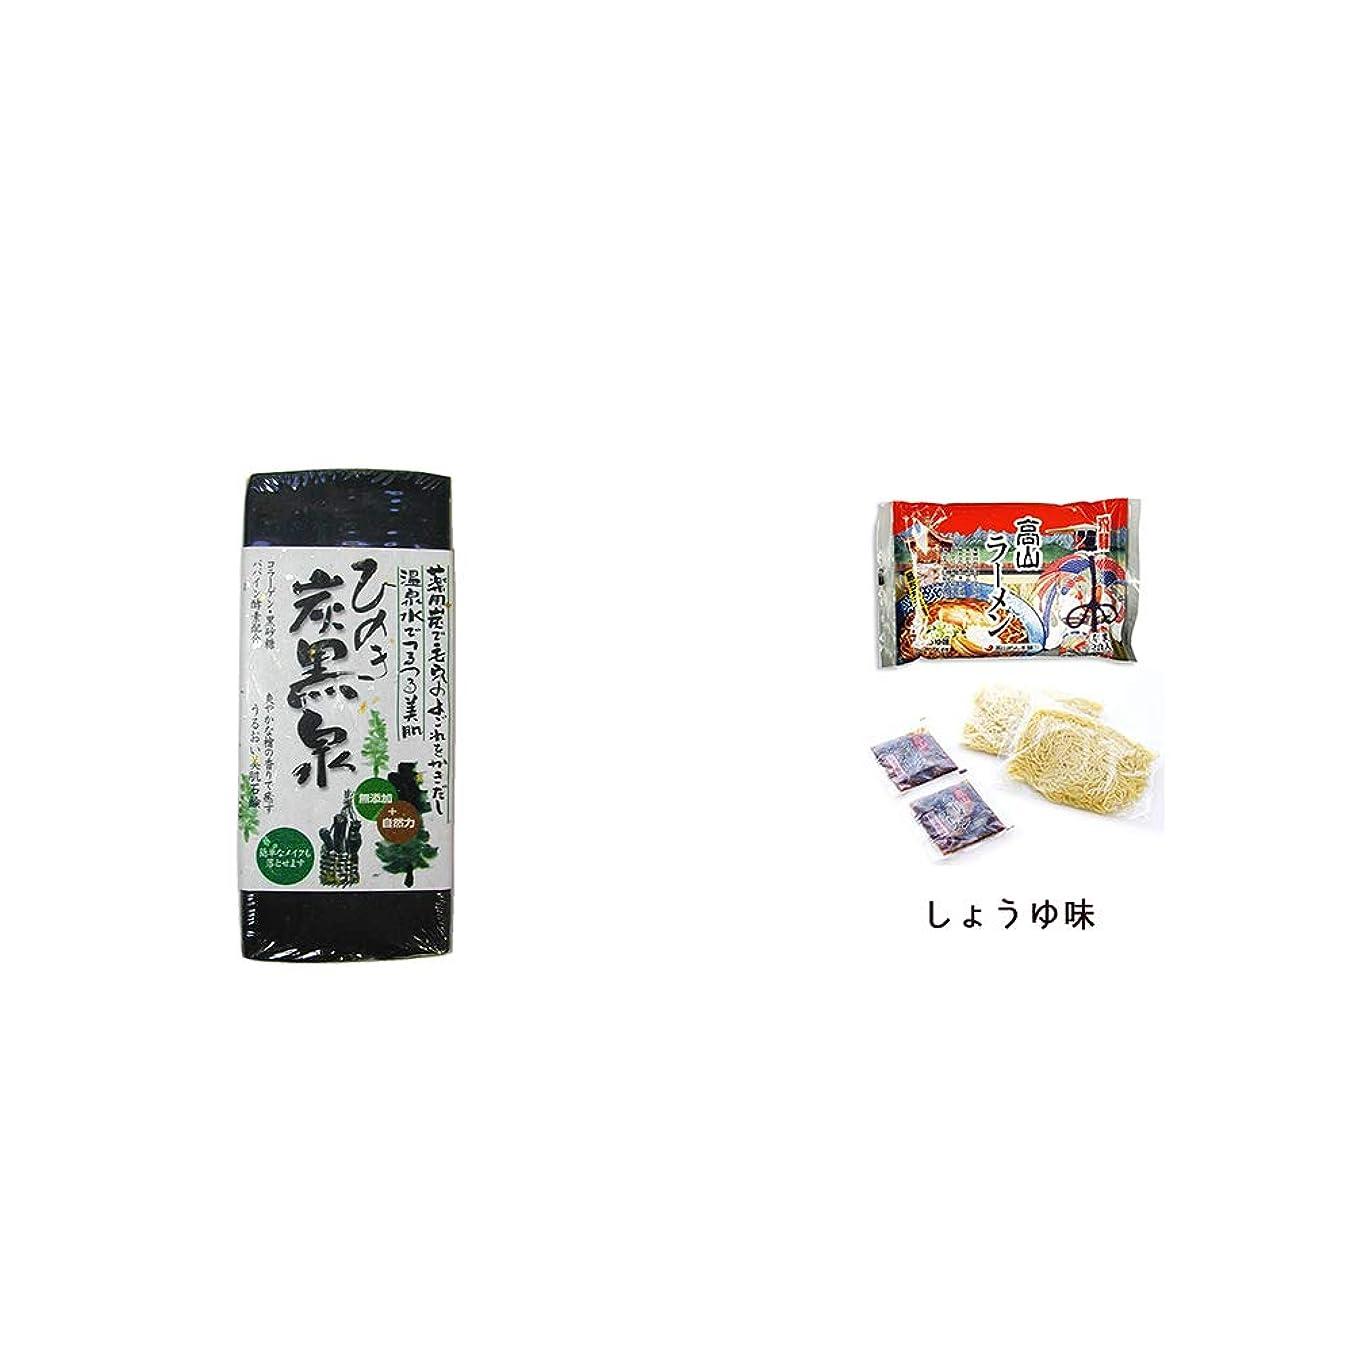 夏コピー脱走[2点セット] ひのき炭黒泉(75g×2)?飛騨高山ラーメン[生麺?スープ付 (しょうゆ味)]